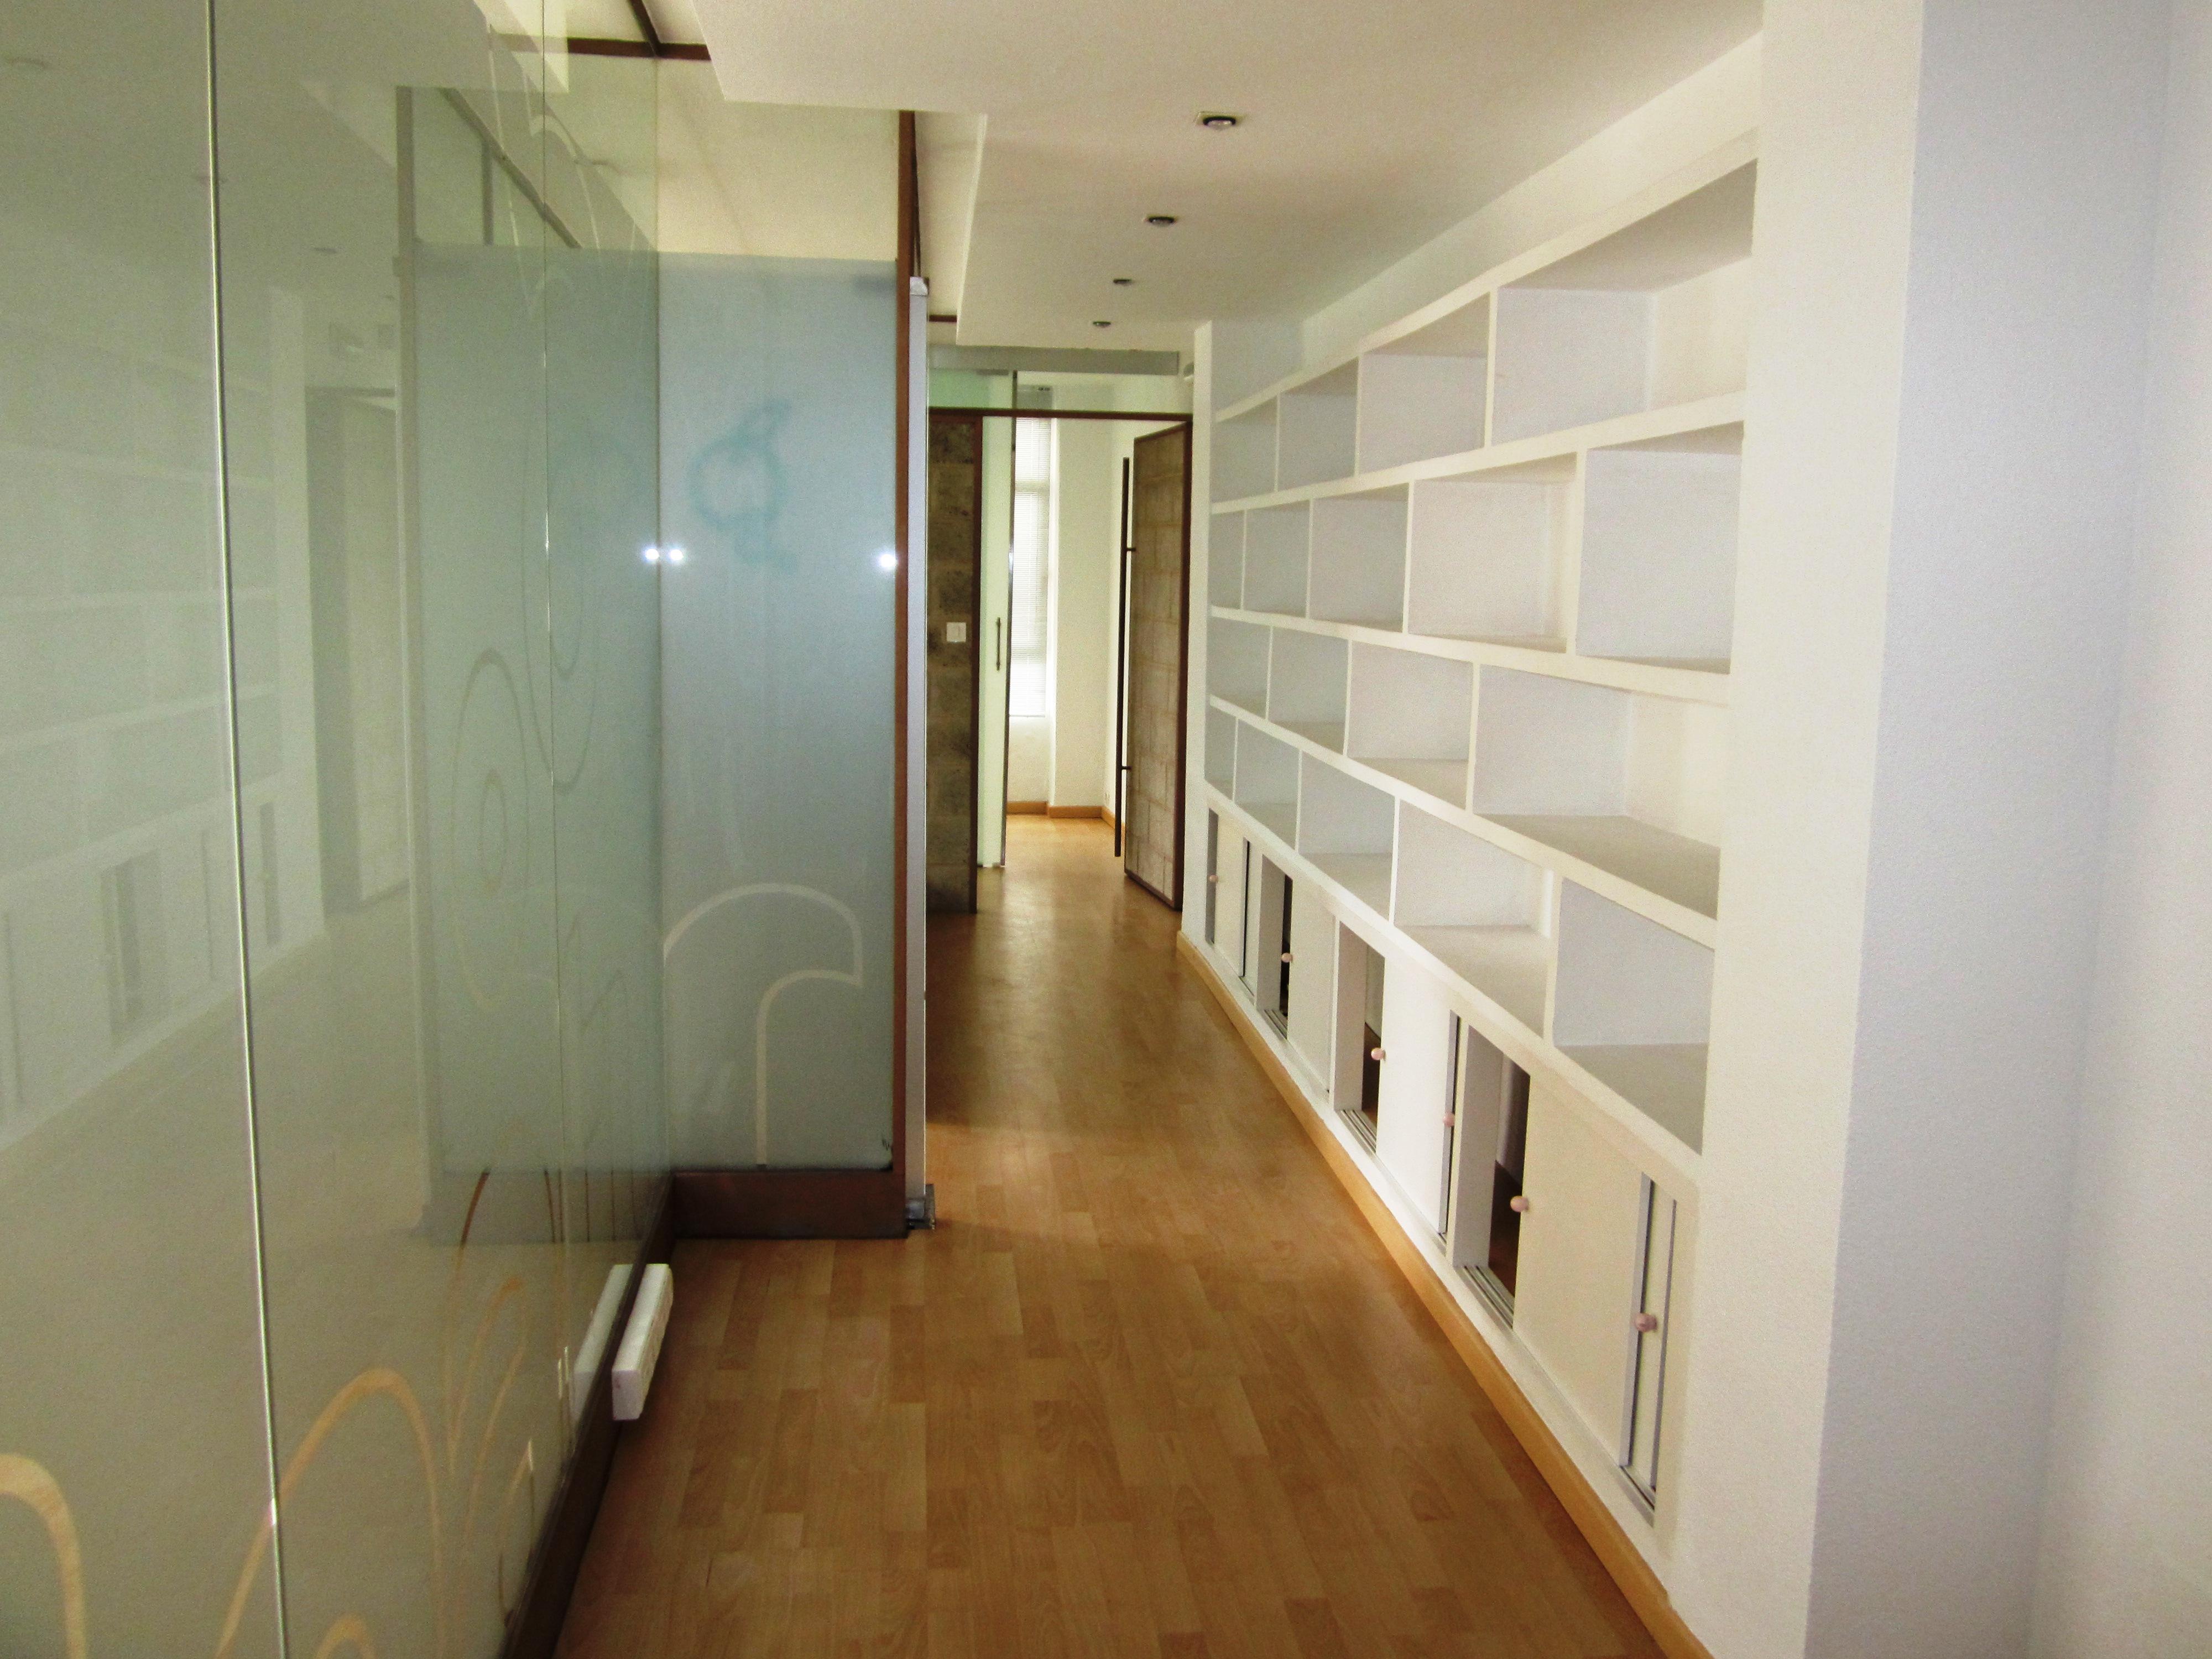 Oficinas Calderón de la Barca 011